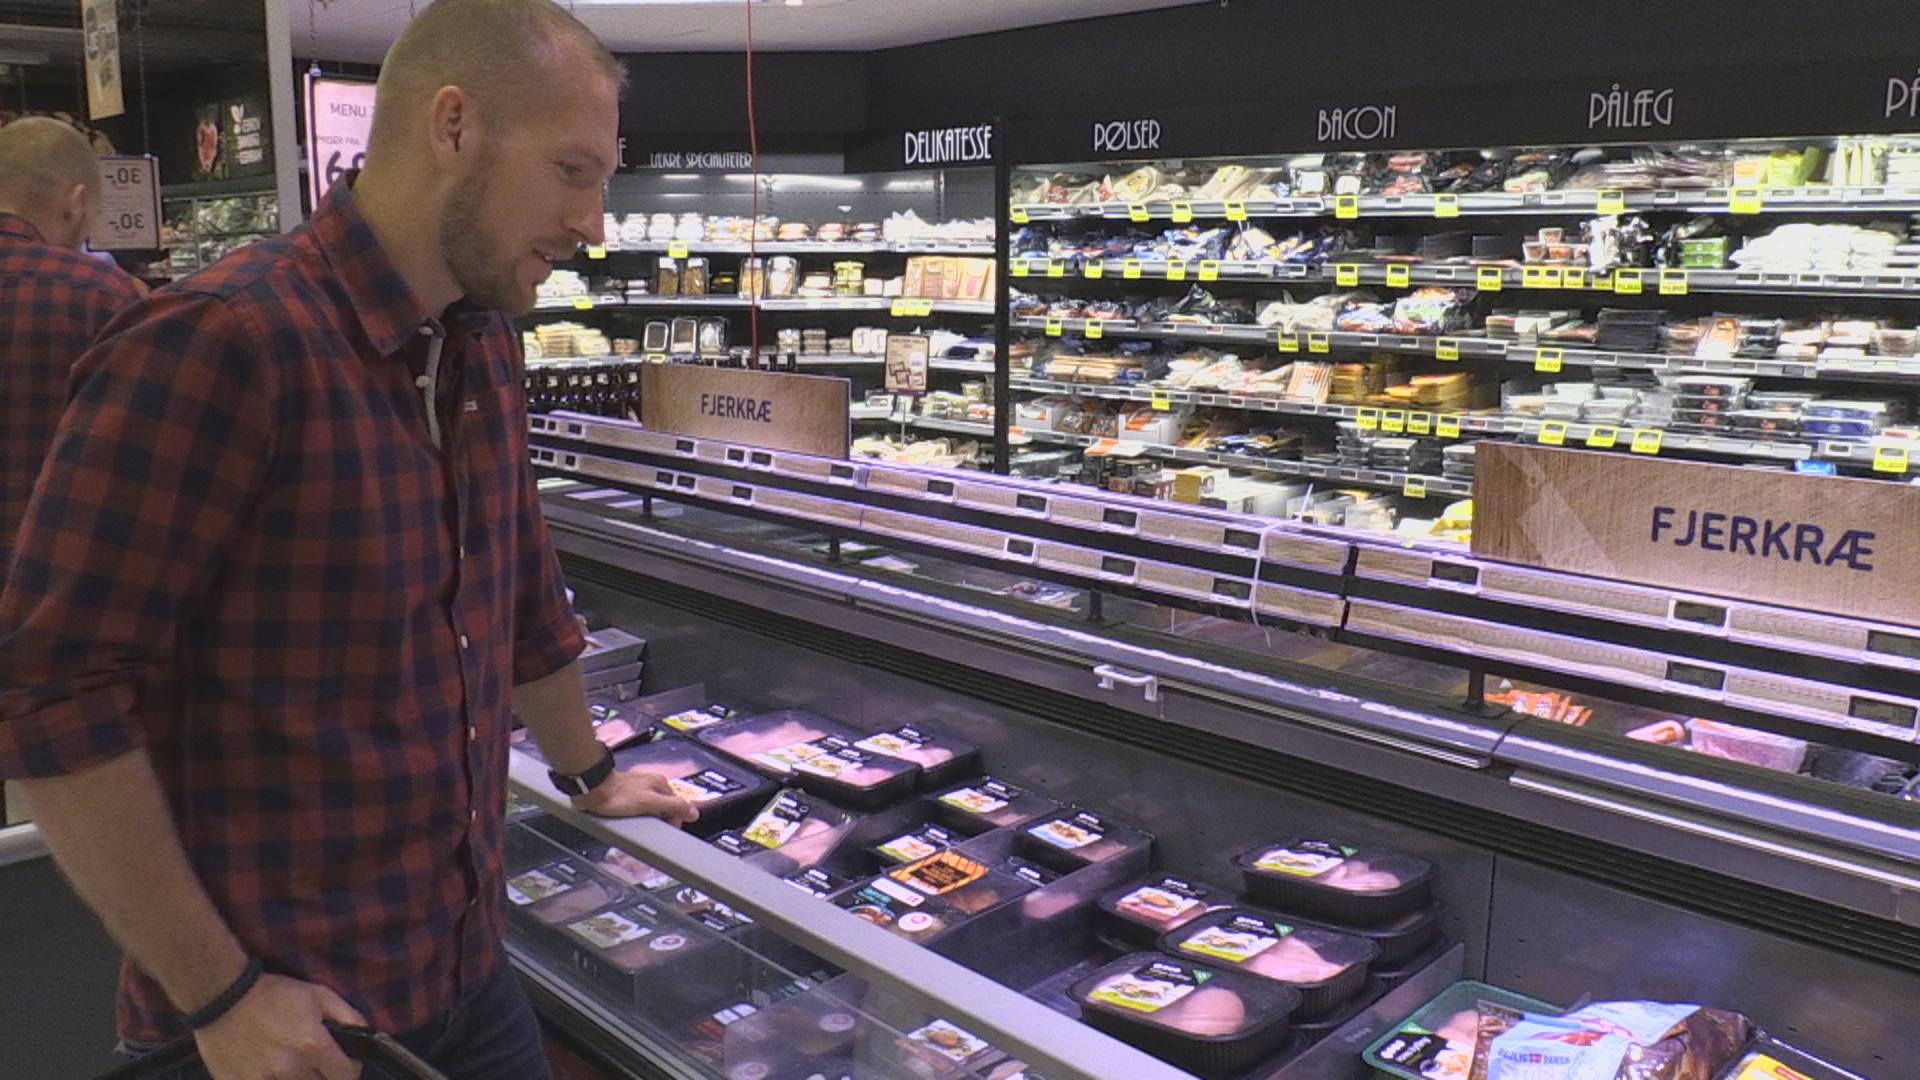 drdk_kgra_vegetar_veganer_00135308.jpeg